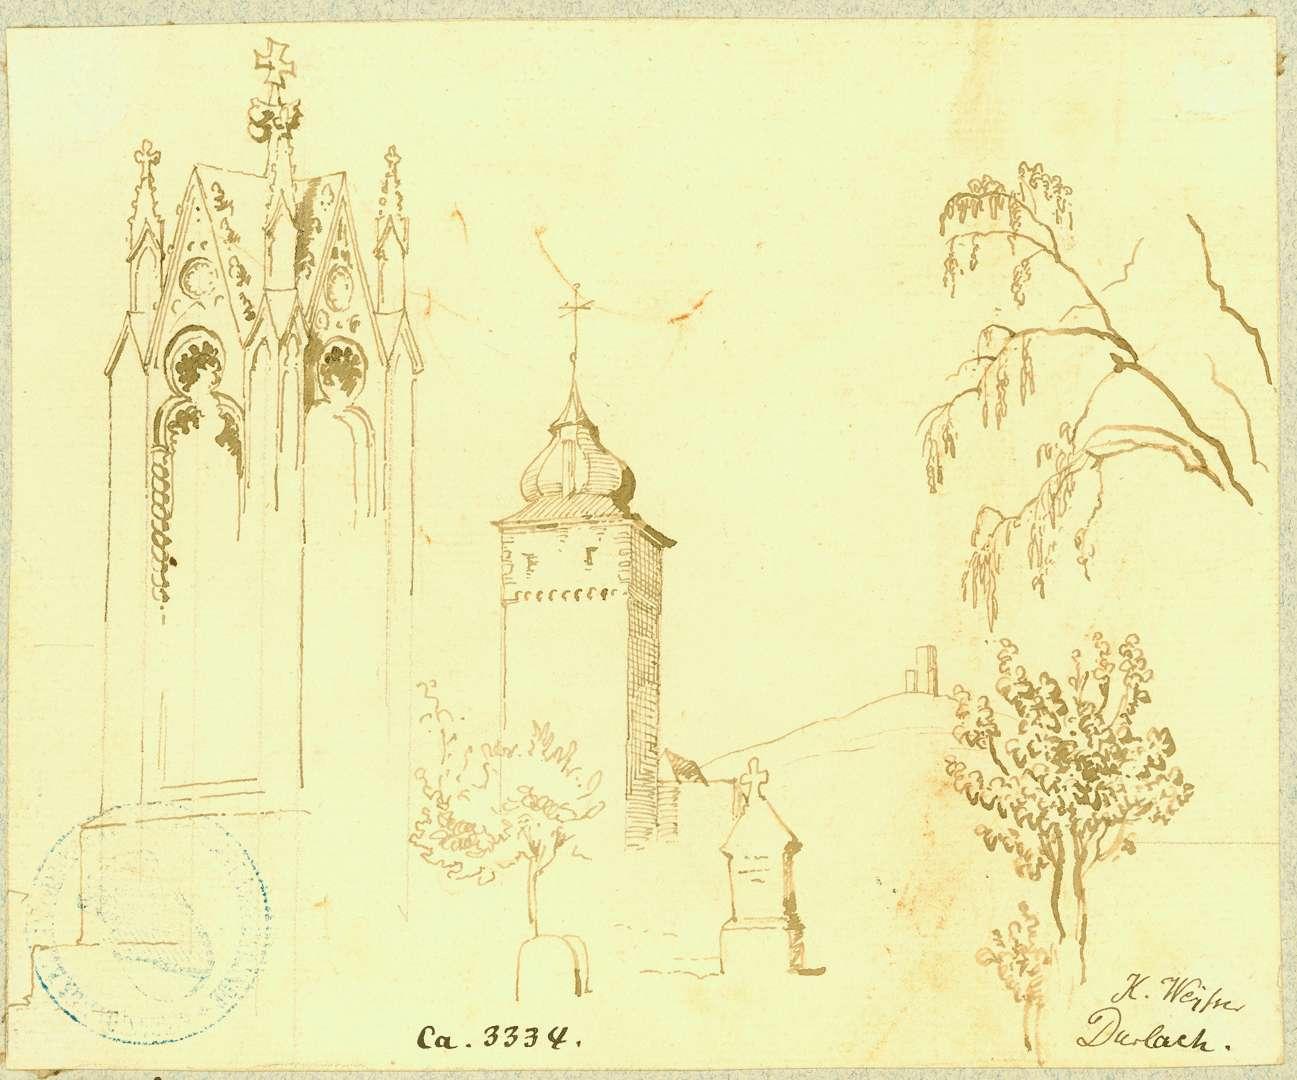 Durlach Basler Tor von Südwesten mit Turmberg im Hintergrund, Detailzeichnung gotischer Bildstock im Vordergrund, Bild 1